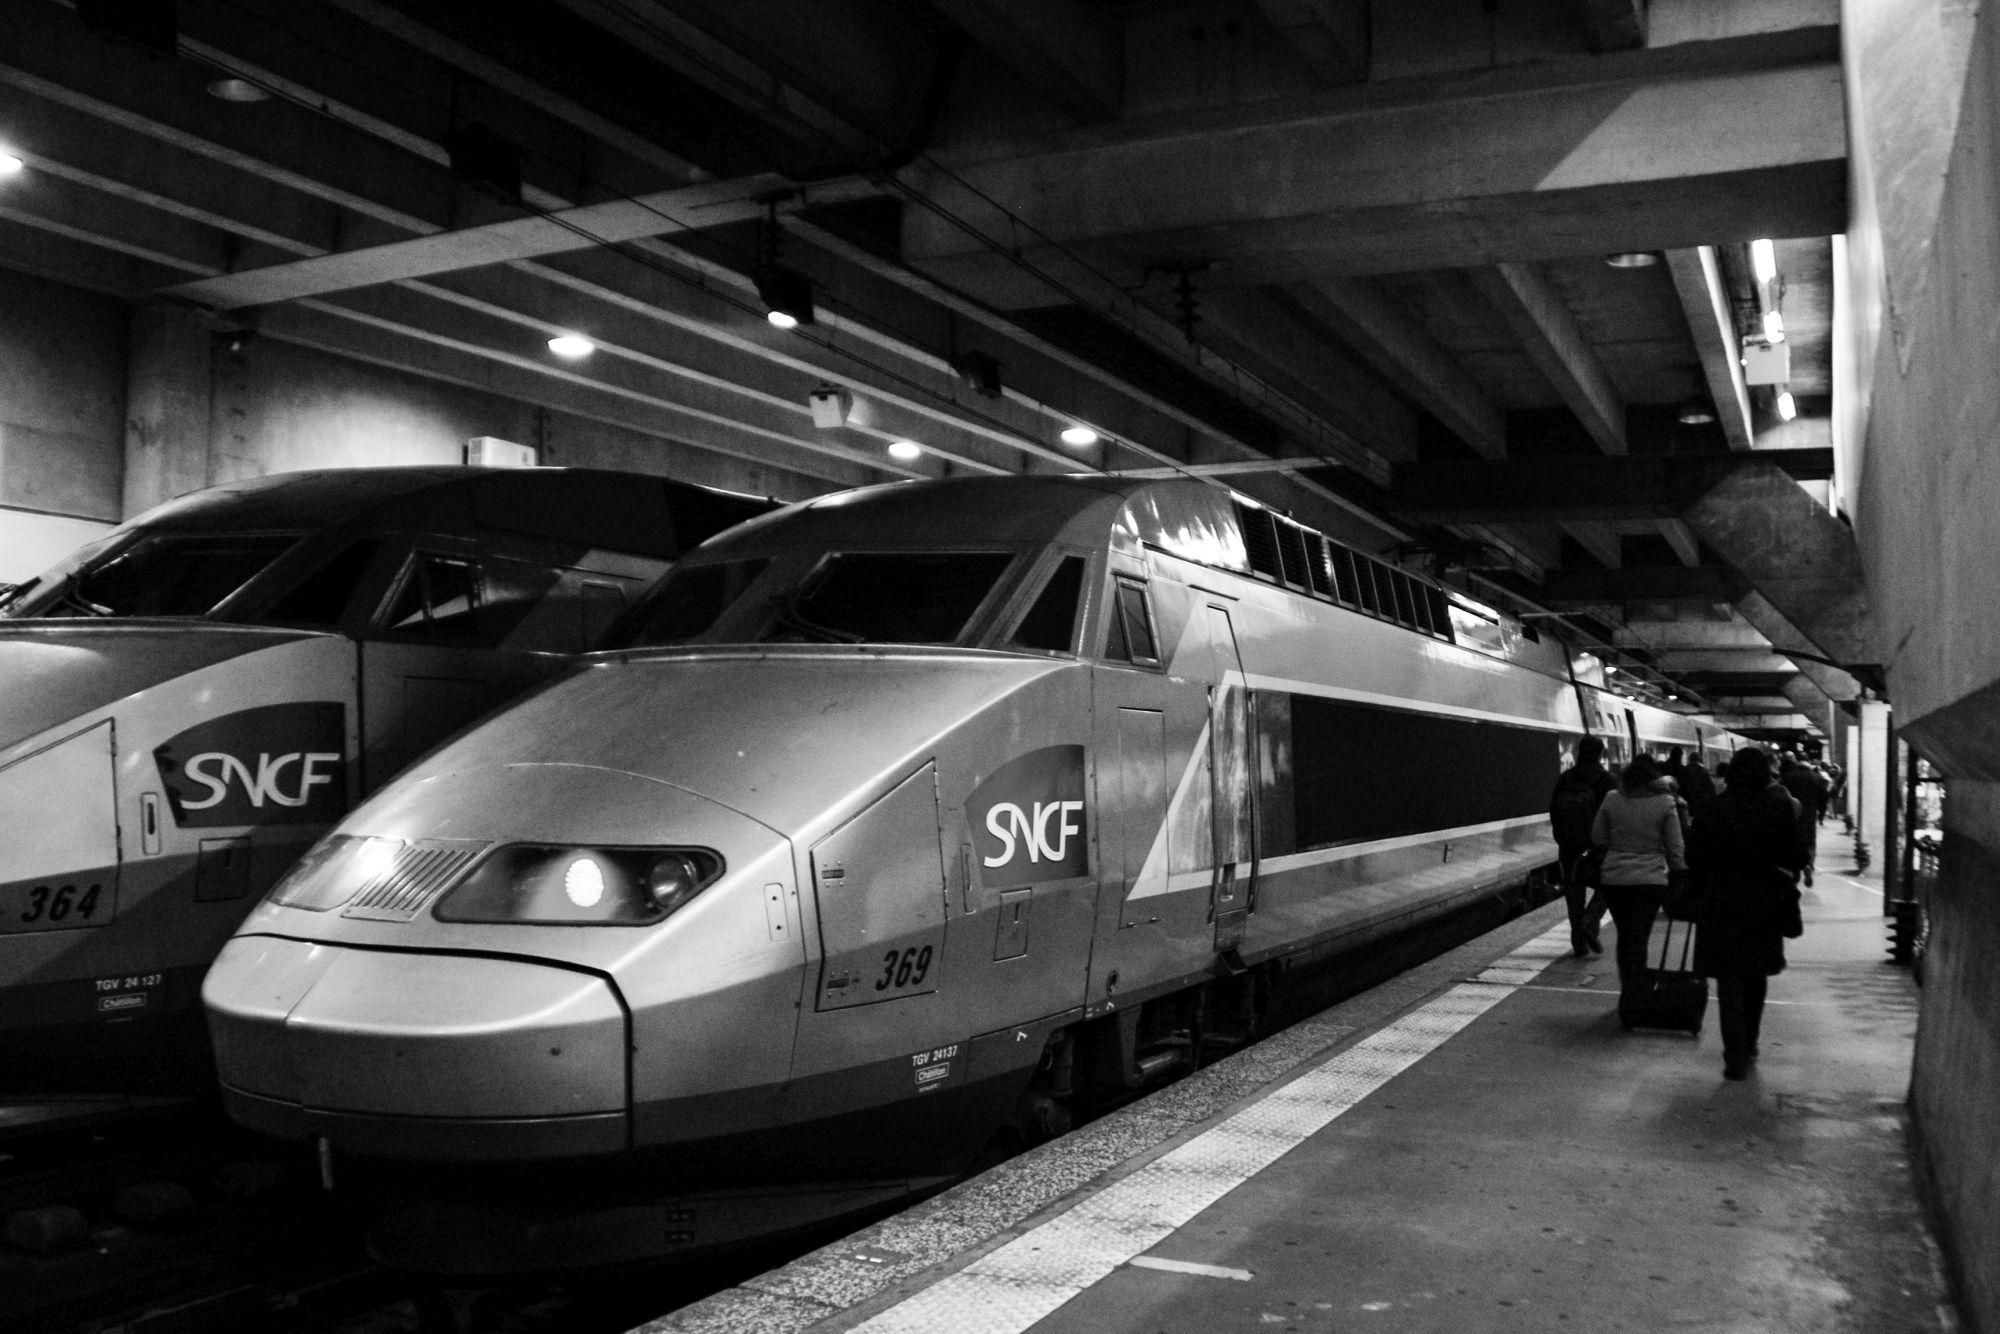 世界の鉄道・フェリー 乗り方リスト : 近代文化遺産見学案内所